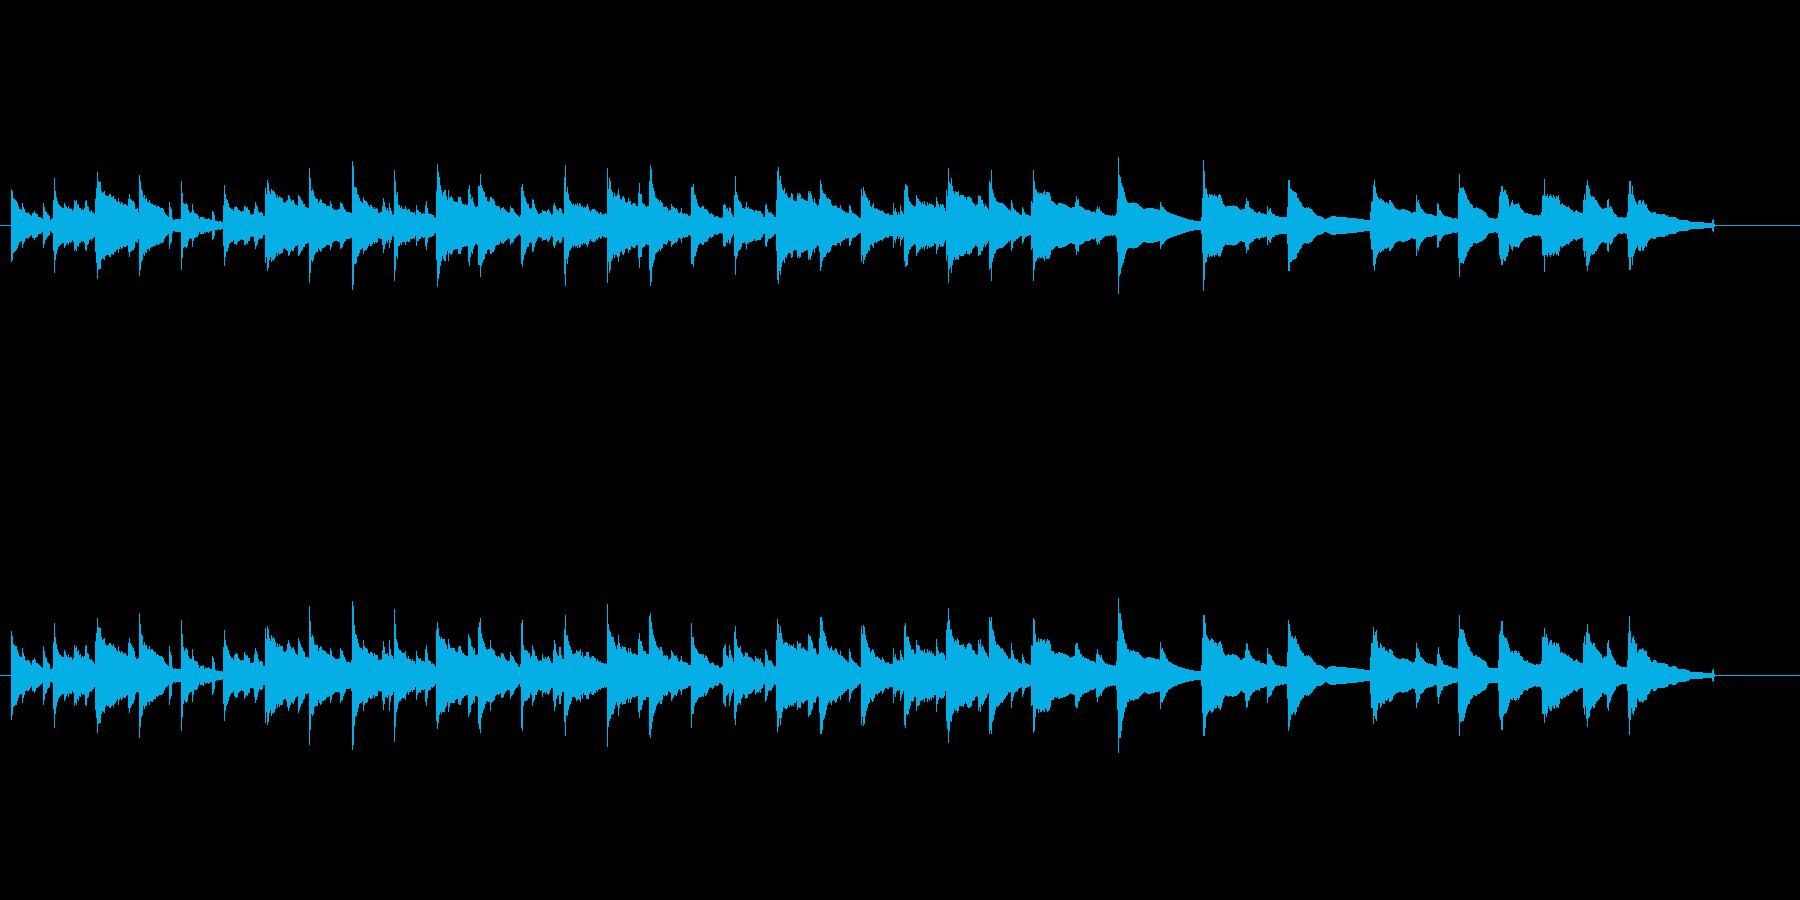 のどかな曲で生ウクレレアルペジオが印象的の再生済みの波形